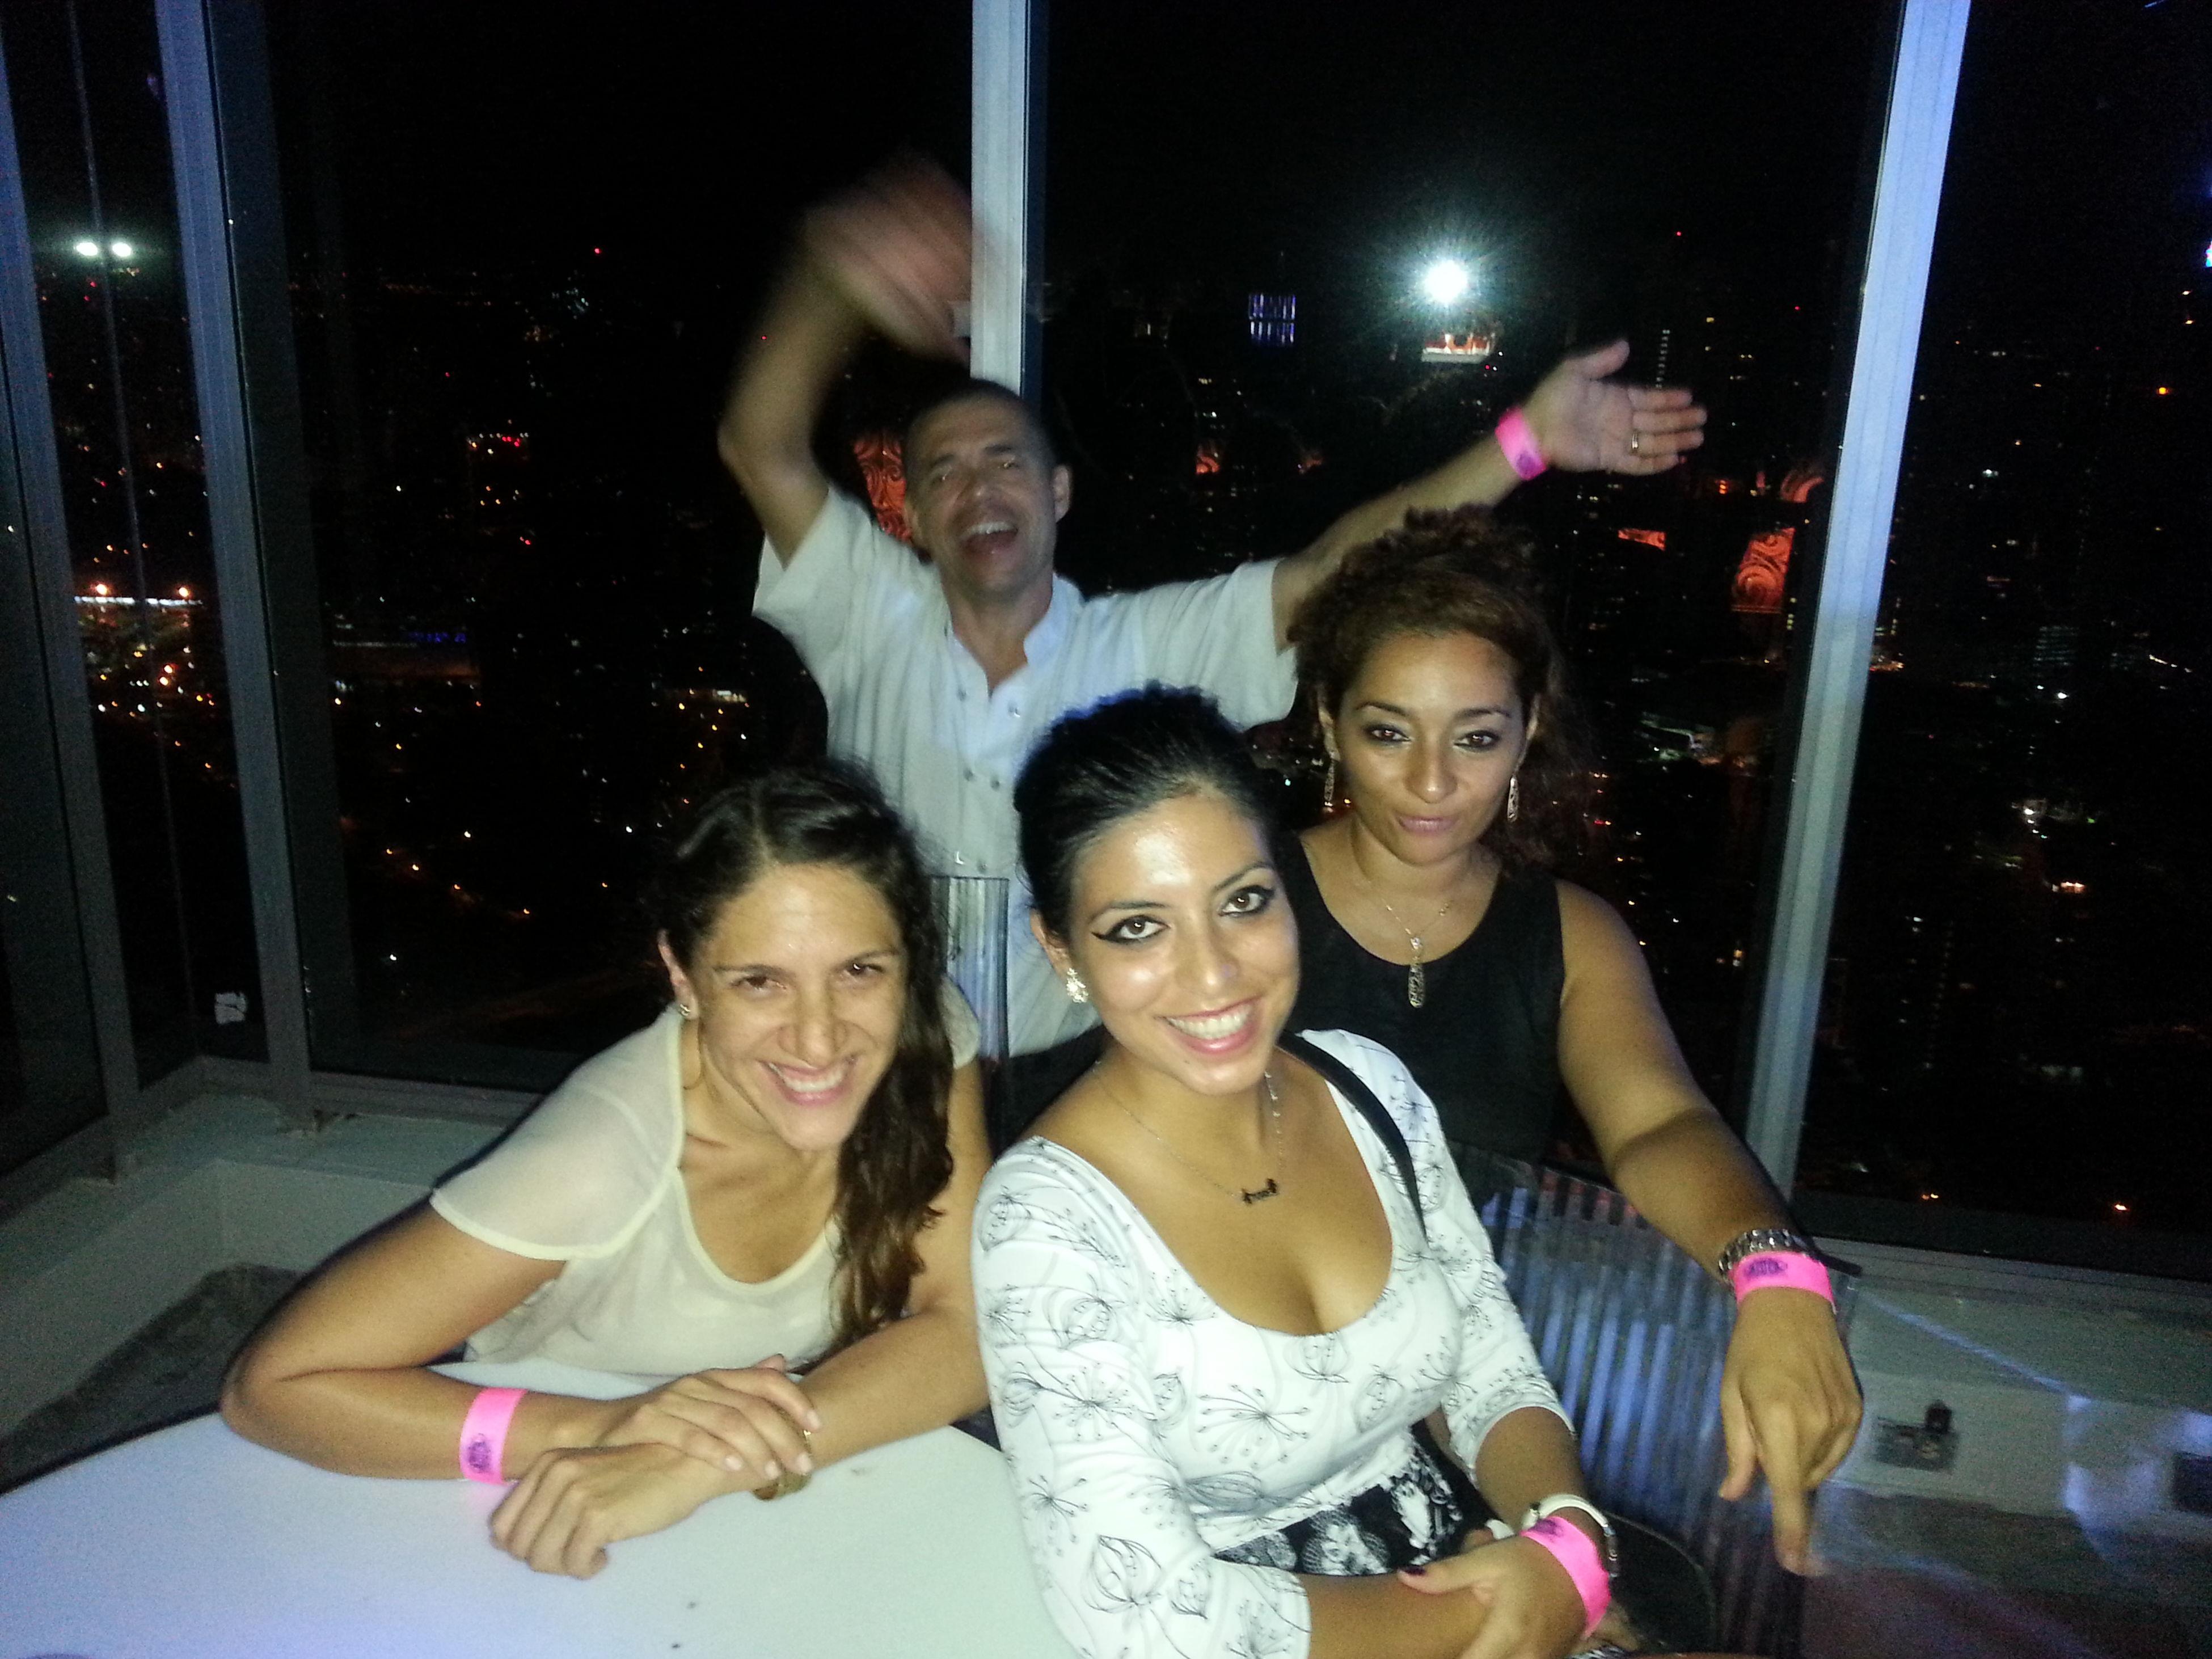 Con los amigos en noche rock and rollera! @hardrockcafepanama Ardilla Del Bosque Friends